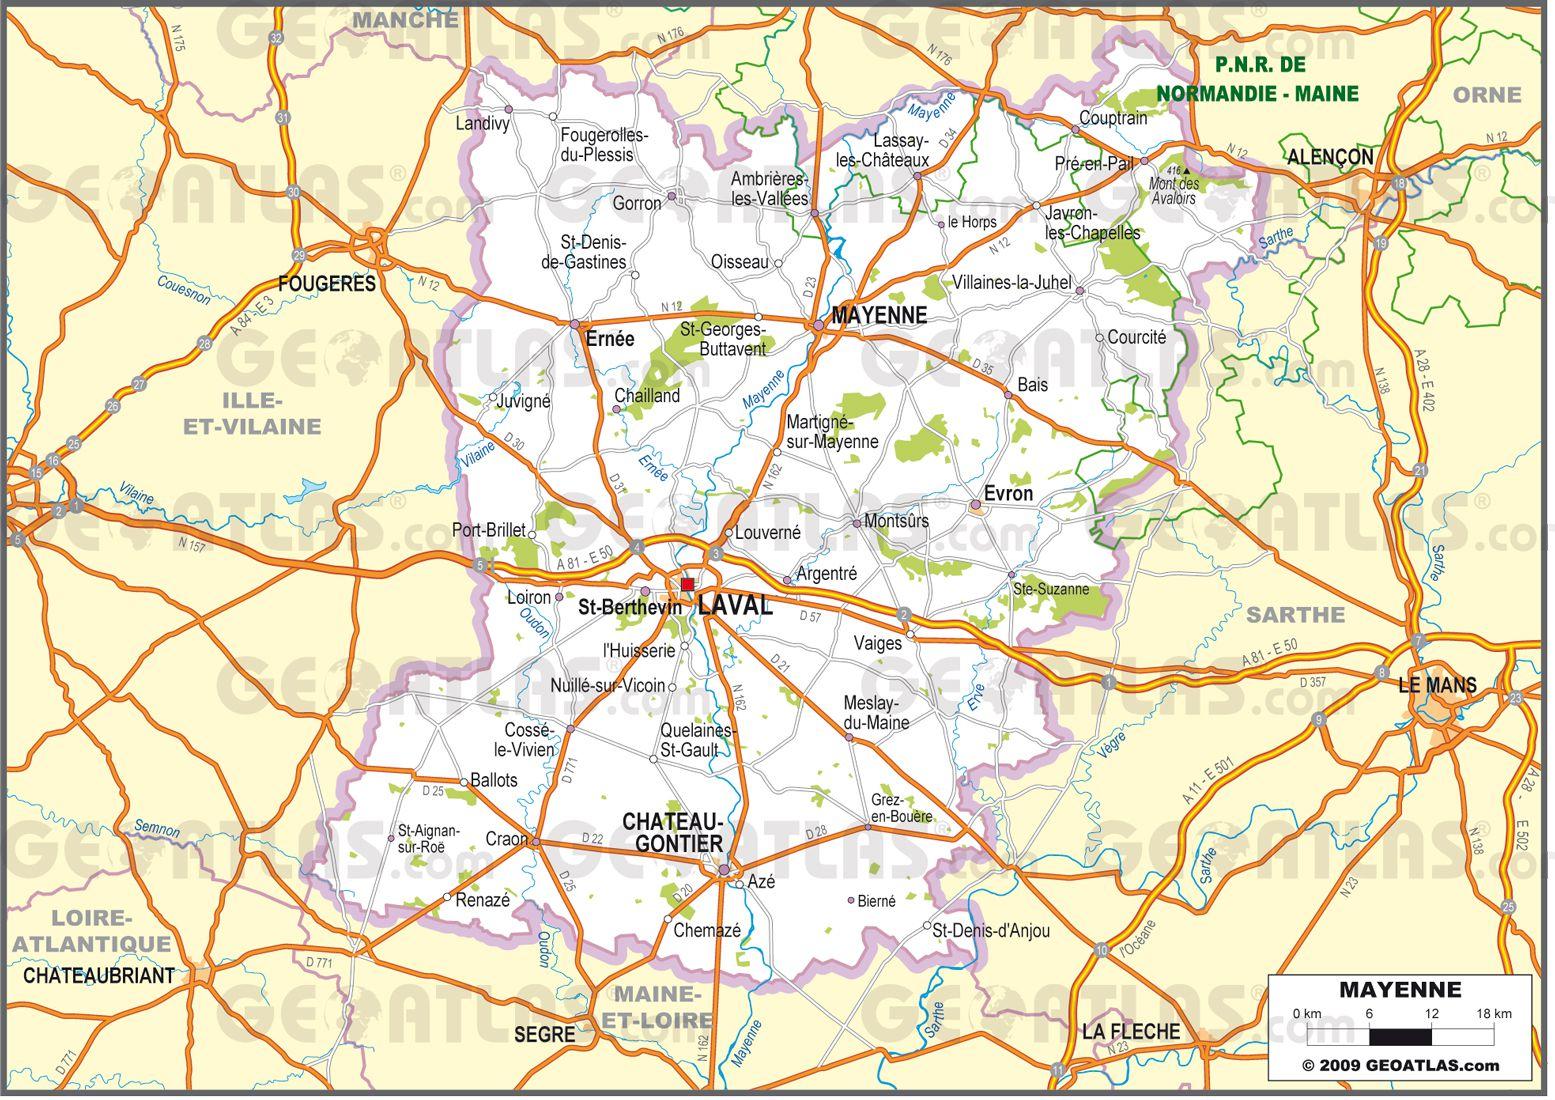 Carte routière de la Mayenne